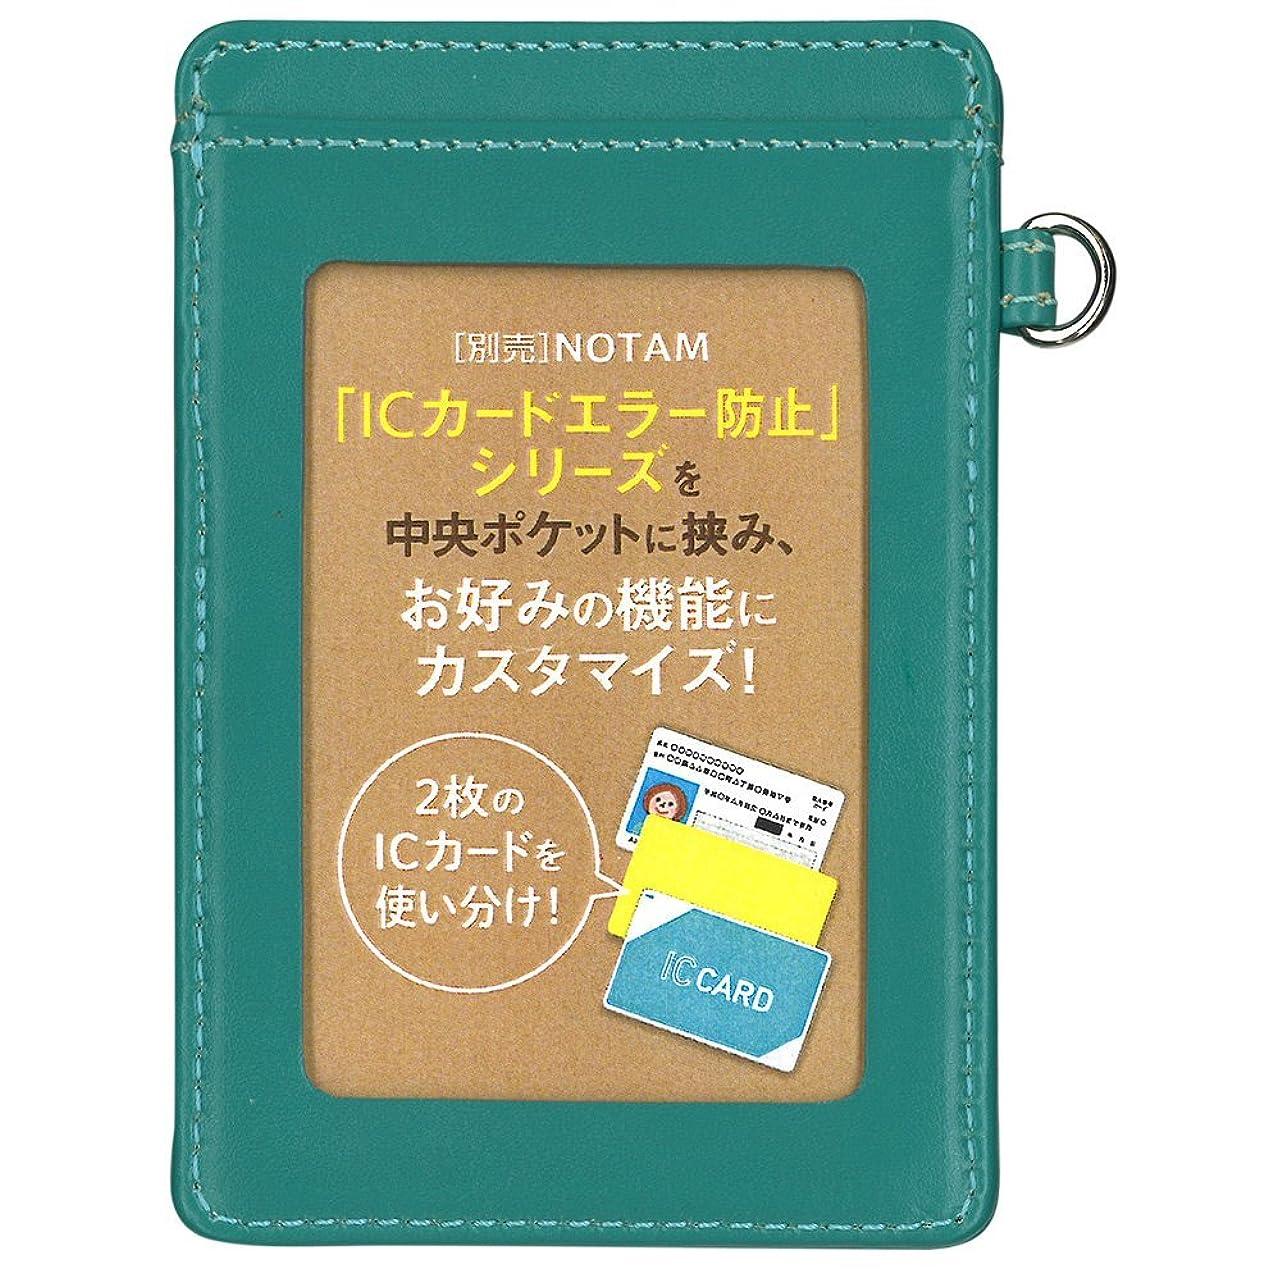 九時四十五分柱不測の事態サクラクレパス カードケース マルチパスケース ブルー UNH-110#36